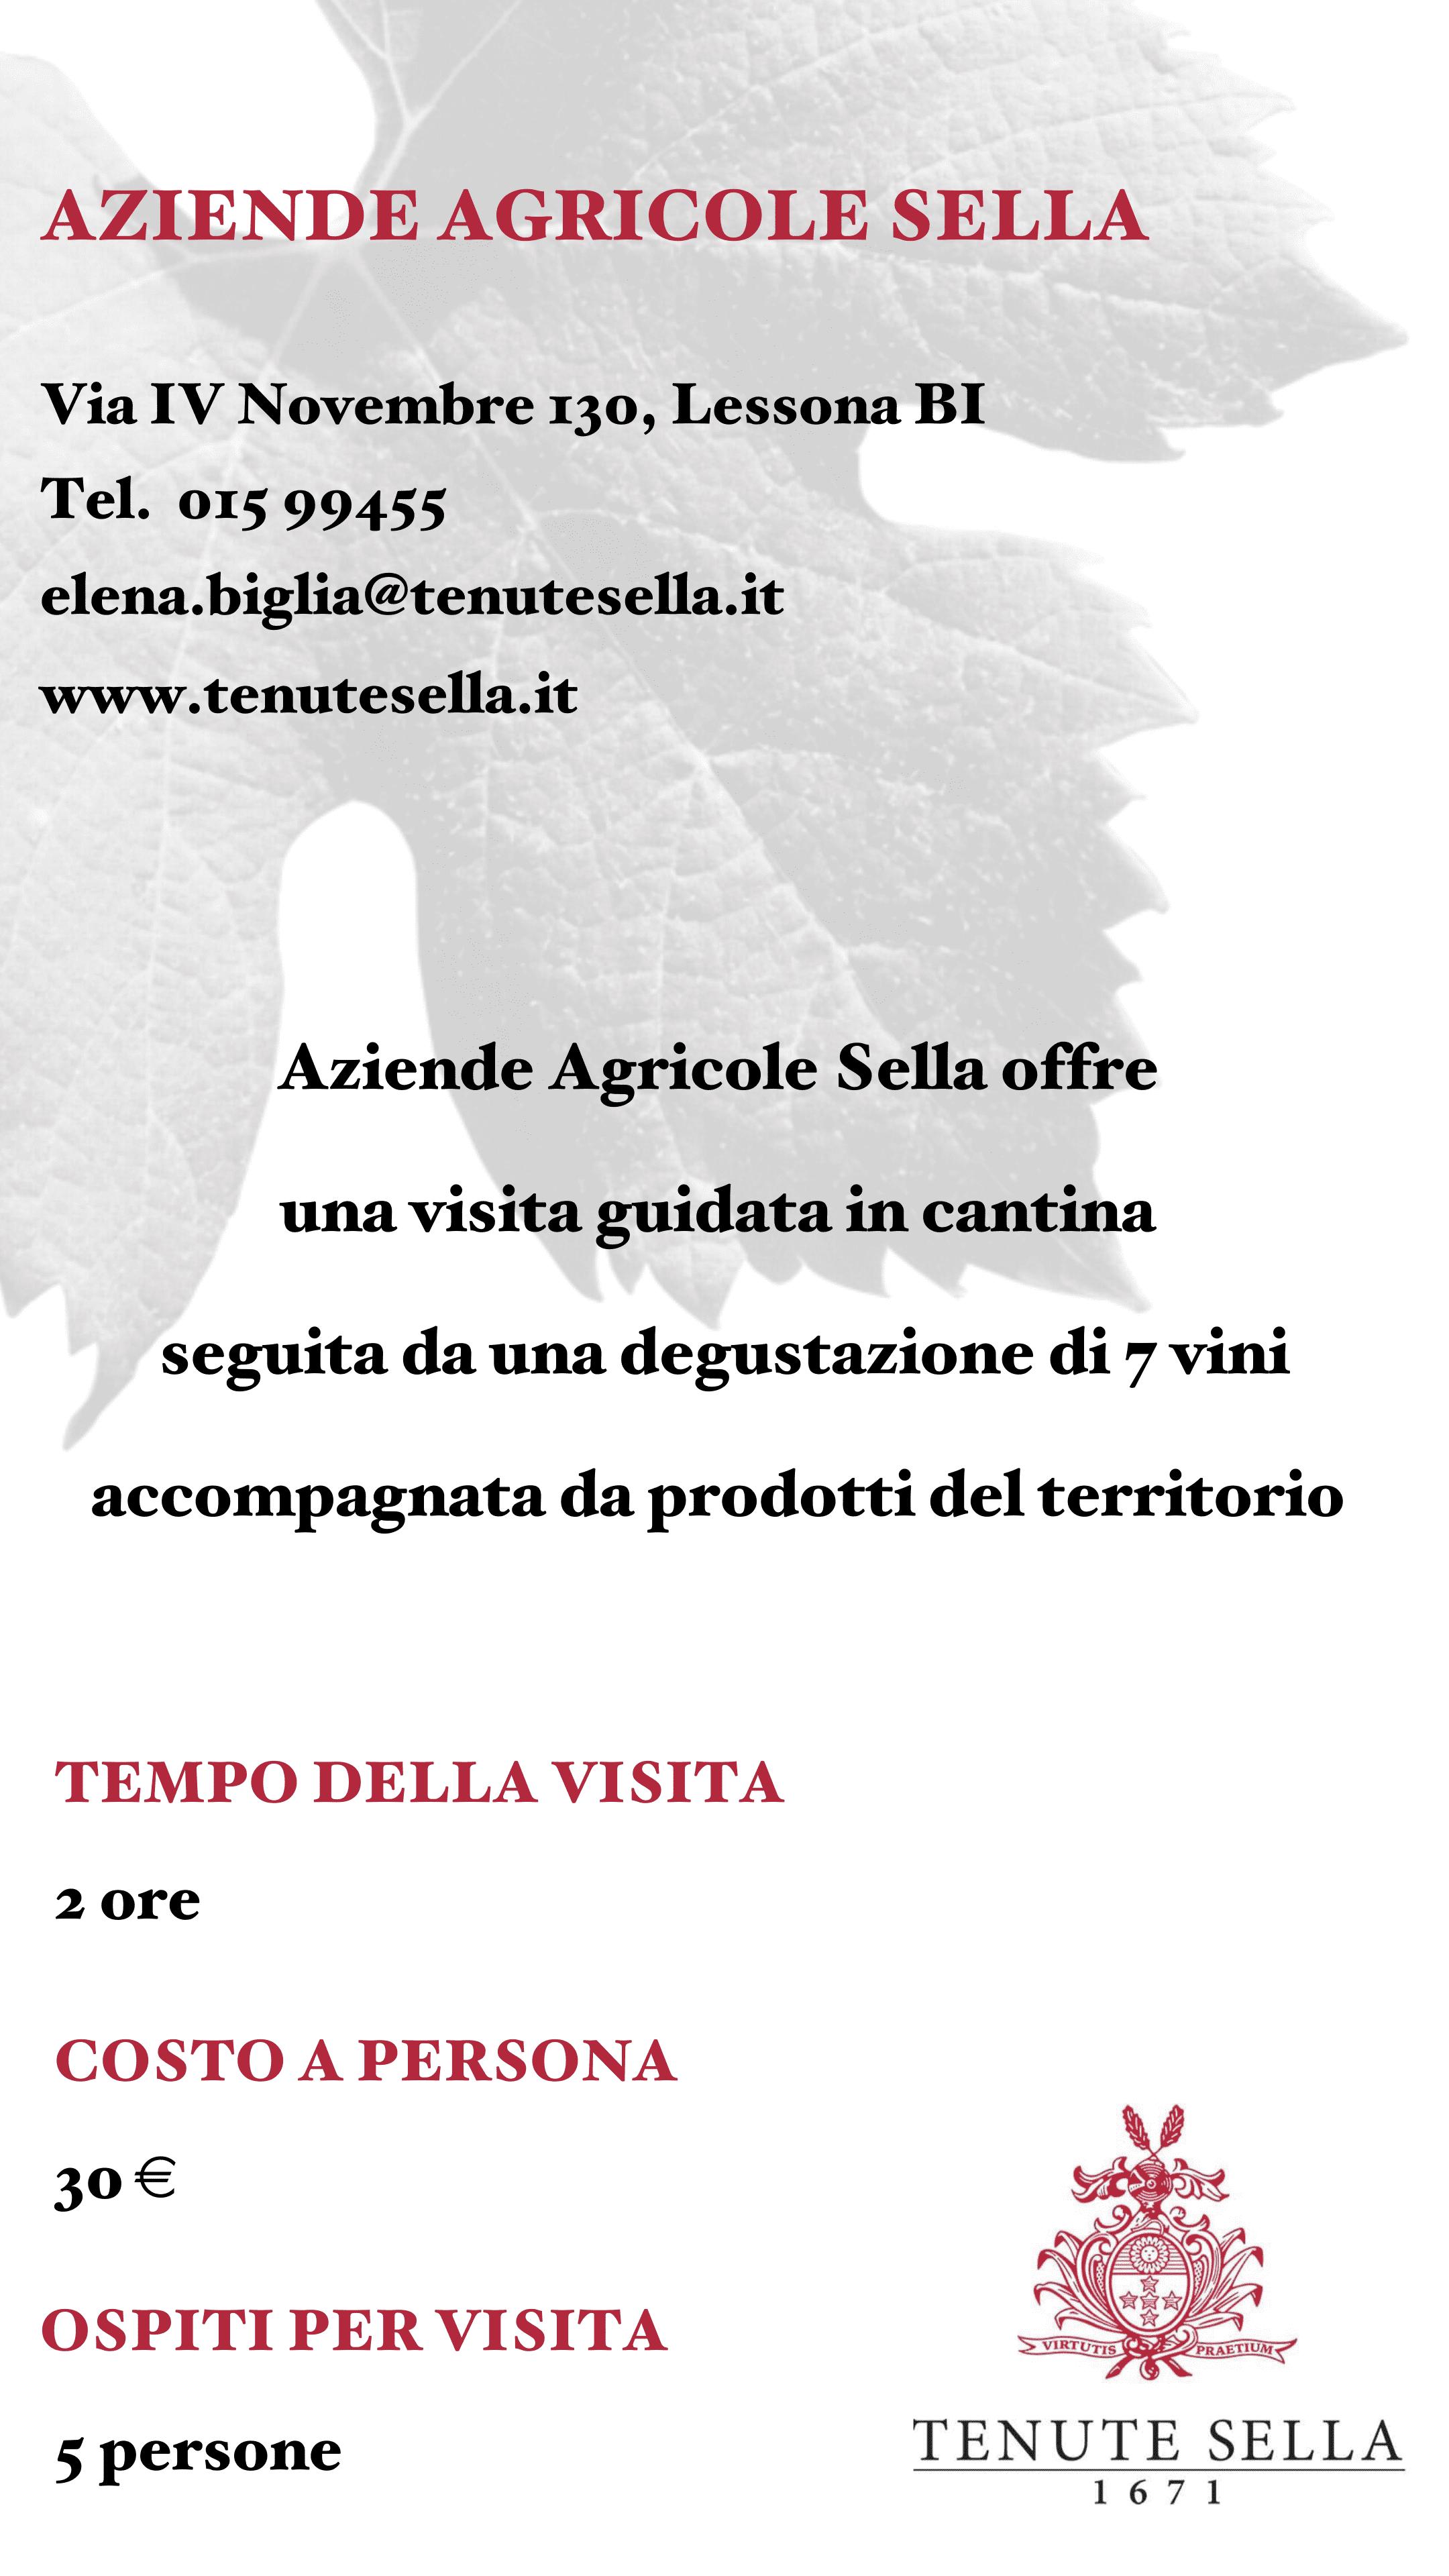 Aziende Agricole Sella